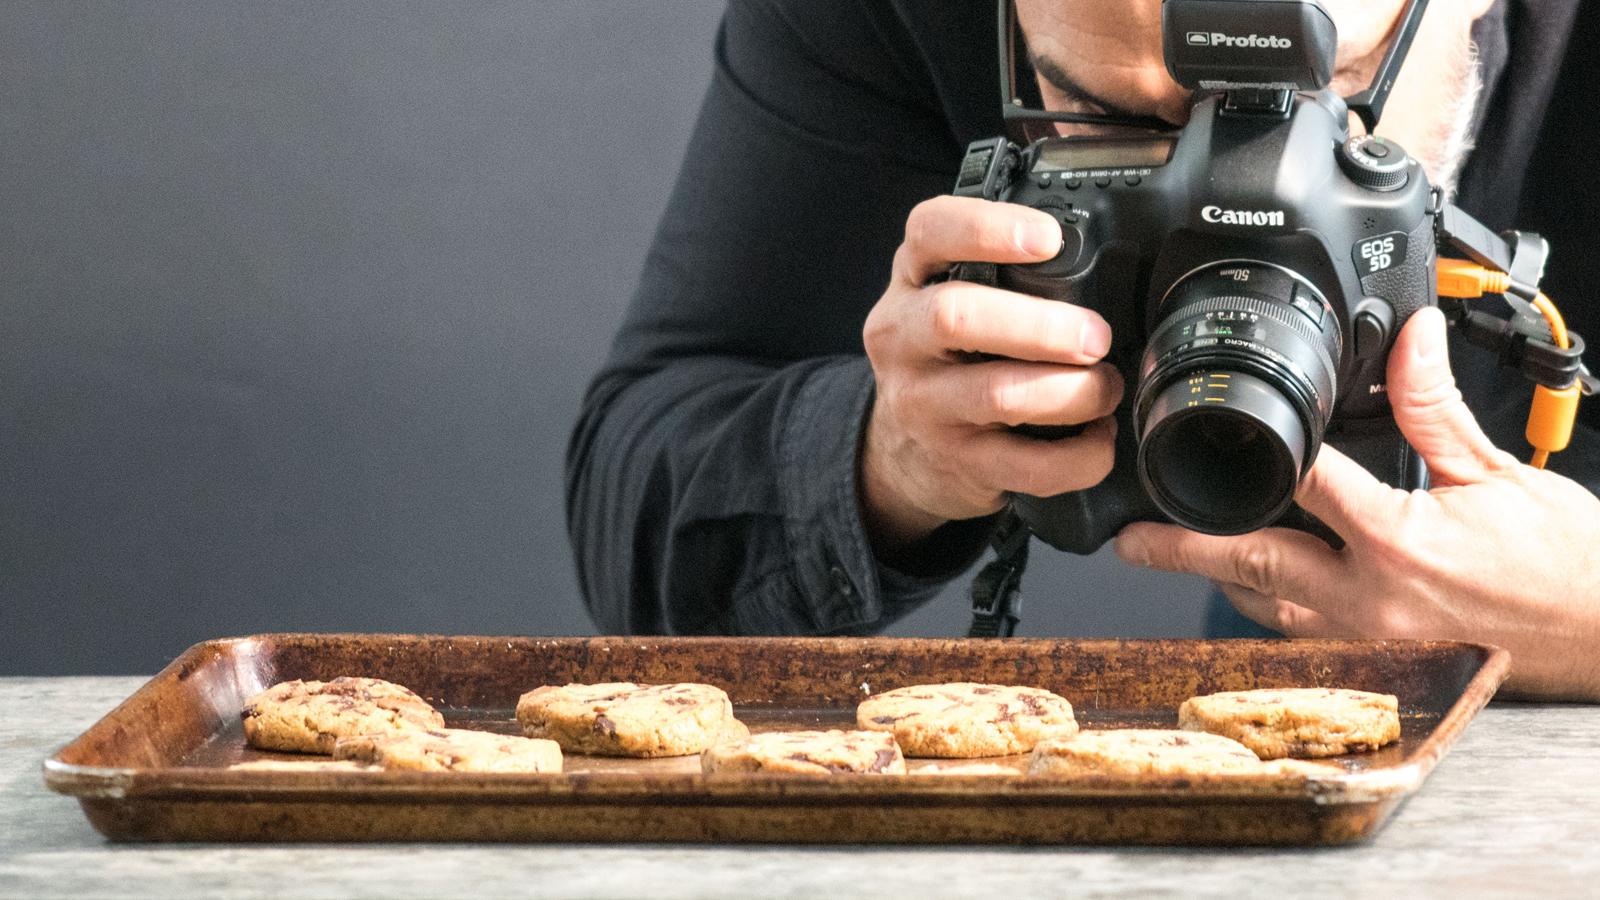 переводе как фотографировать еду на темном фоне милашка строит